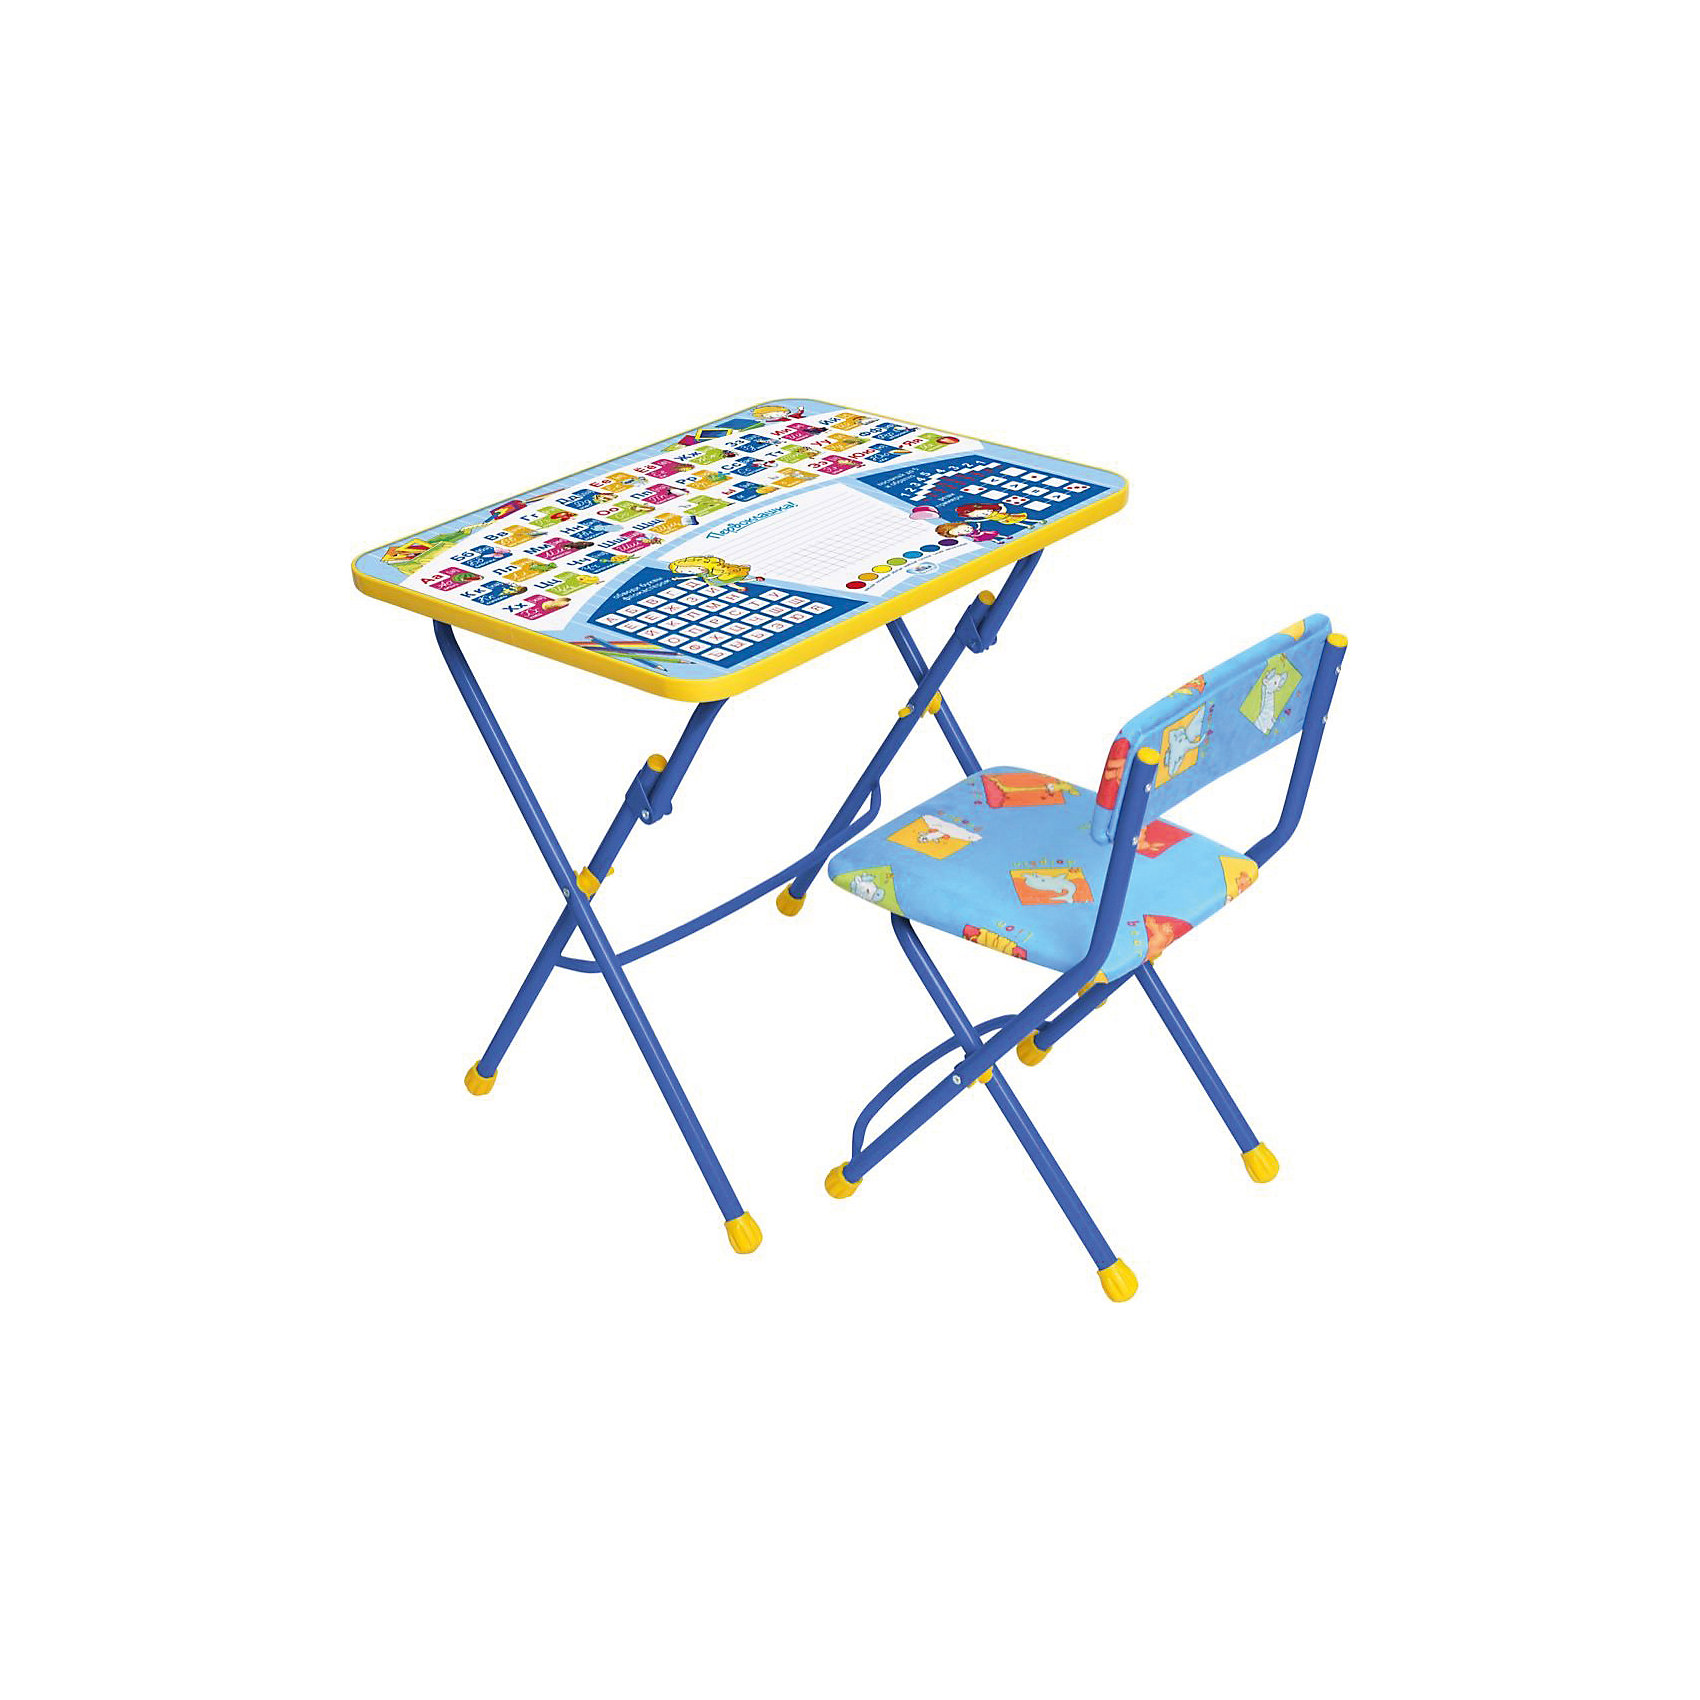 Набор мебели Первоклашка, Ника, синийСтолы и стулья<br>Симпатичный комфортный набор детской мебели Первоклашка Ника идеально подойдет для занятий, игр и творчества детей 2 -7 лет. В набор входят стол и стул с металлическим каркасом и мягким сиденьем.<br><br>Столешница оформлена красочными тематическими рисунками, которые познакомят ребенка с азбукой, цифрами, цветами, знаками сравнения (больше, меньше, равно), обводя буквы фломастером прямо на столе он освоит написание алфавита. Столешницу можно располагать горизонтально или под наклоном, на край крепится пенал для хранения письменных принадлежностей. <br><br>Мебель удобна и безопасна для ребенка, углы стола и стула мягко закруглены, ножки мебели закрыты колпачками, защищающими поверхность пола от повреждений. Стул и стол легко складываются и не занимают много места.<br><br>Дополнительная информация:<br><br>- Материал: пластик, металл.<br>- Размер стула: высота до сиденья 32 см, высота со спинкой 56 см, сиденье 30 х 27 см.<br>- Размер стола: 60 х 45 х 57 см.<br>- Вес: 8 кг.<br><br>Набор детской мебели Первоклашка Ника можно купить в нашем интернет-магазине.<br><br>Ширина мм: 740<br>Глубина мм: 620<br>Высота мм: 150<br>Вес г: 9000<br>Возраст от месяцев: 24<br>Возраст до месяцев: 84<br>Пол: Унисекс<br>Возраст: Детский<br>SKU: 3571156